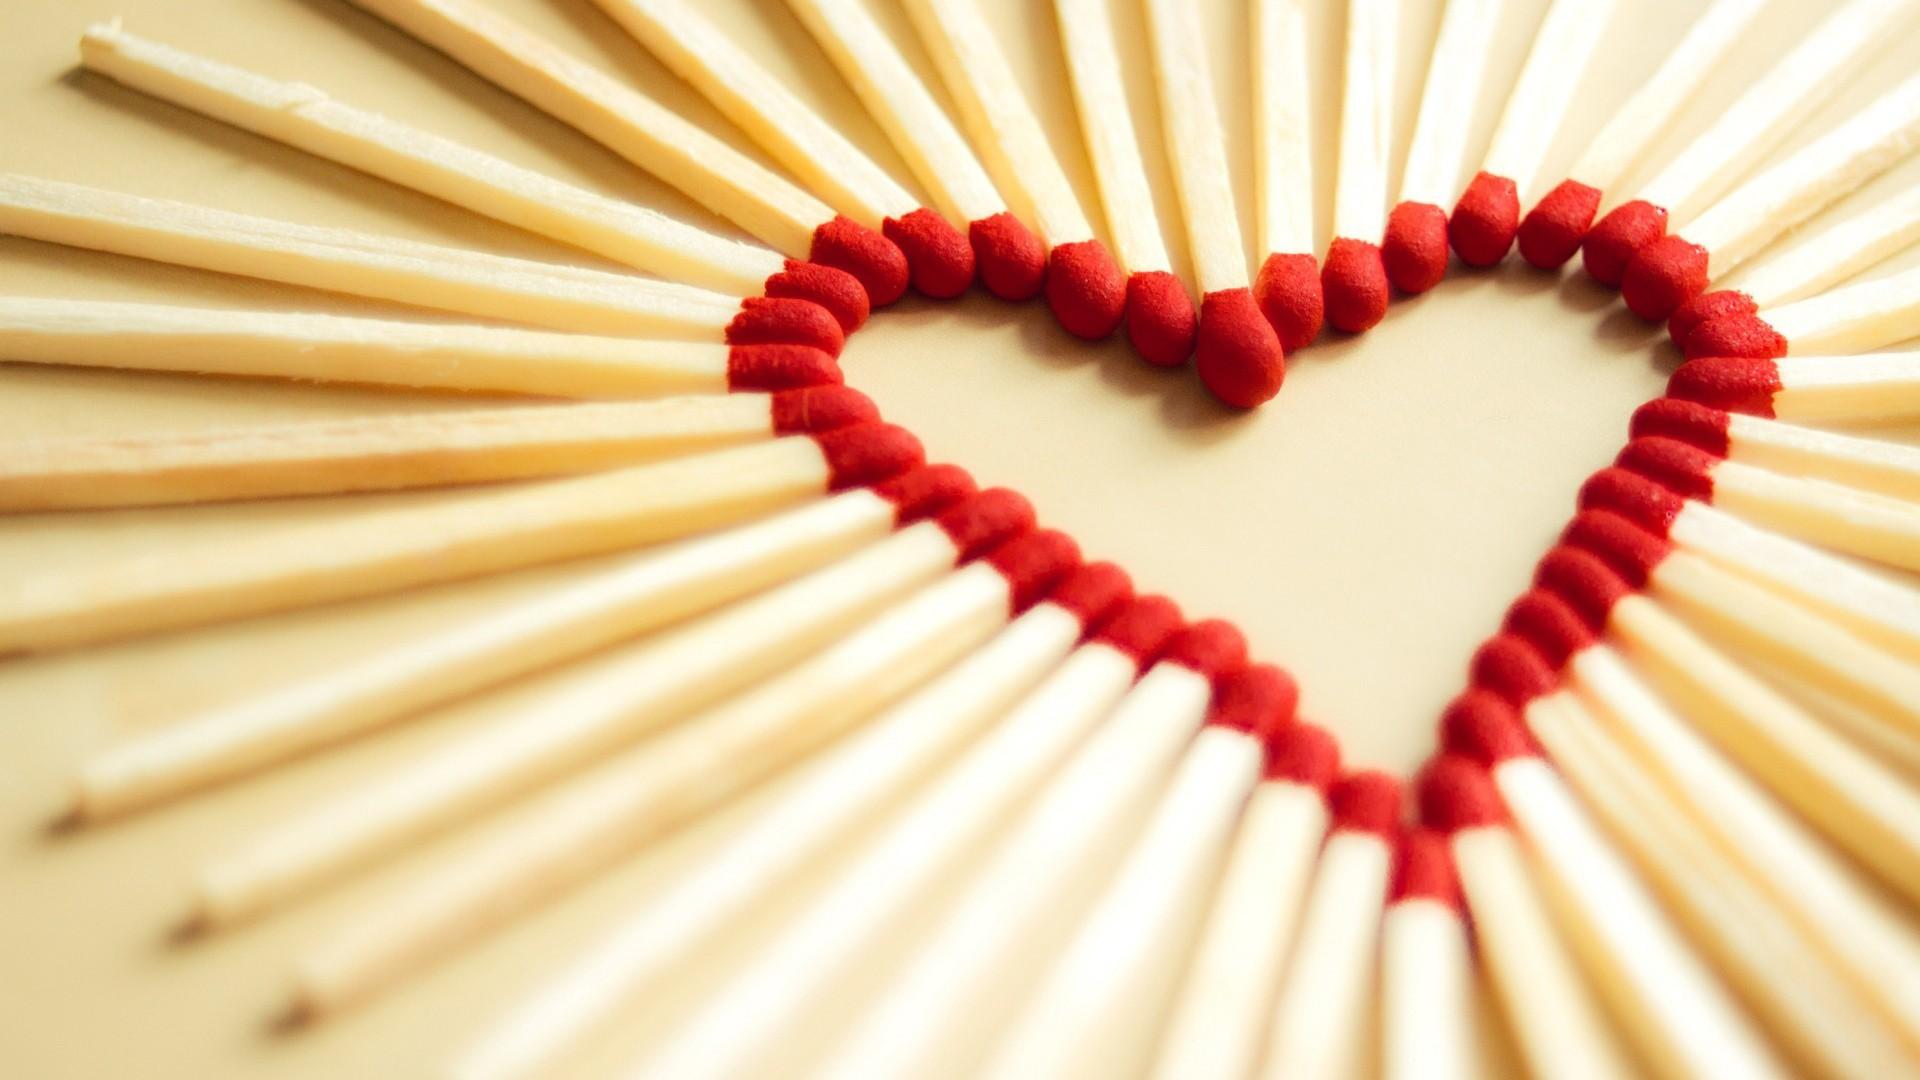 Love Matchsticks Wallpapers Hd Wallpapers